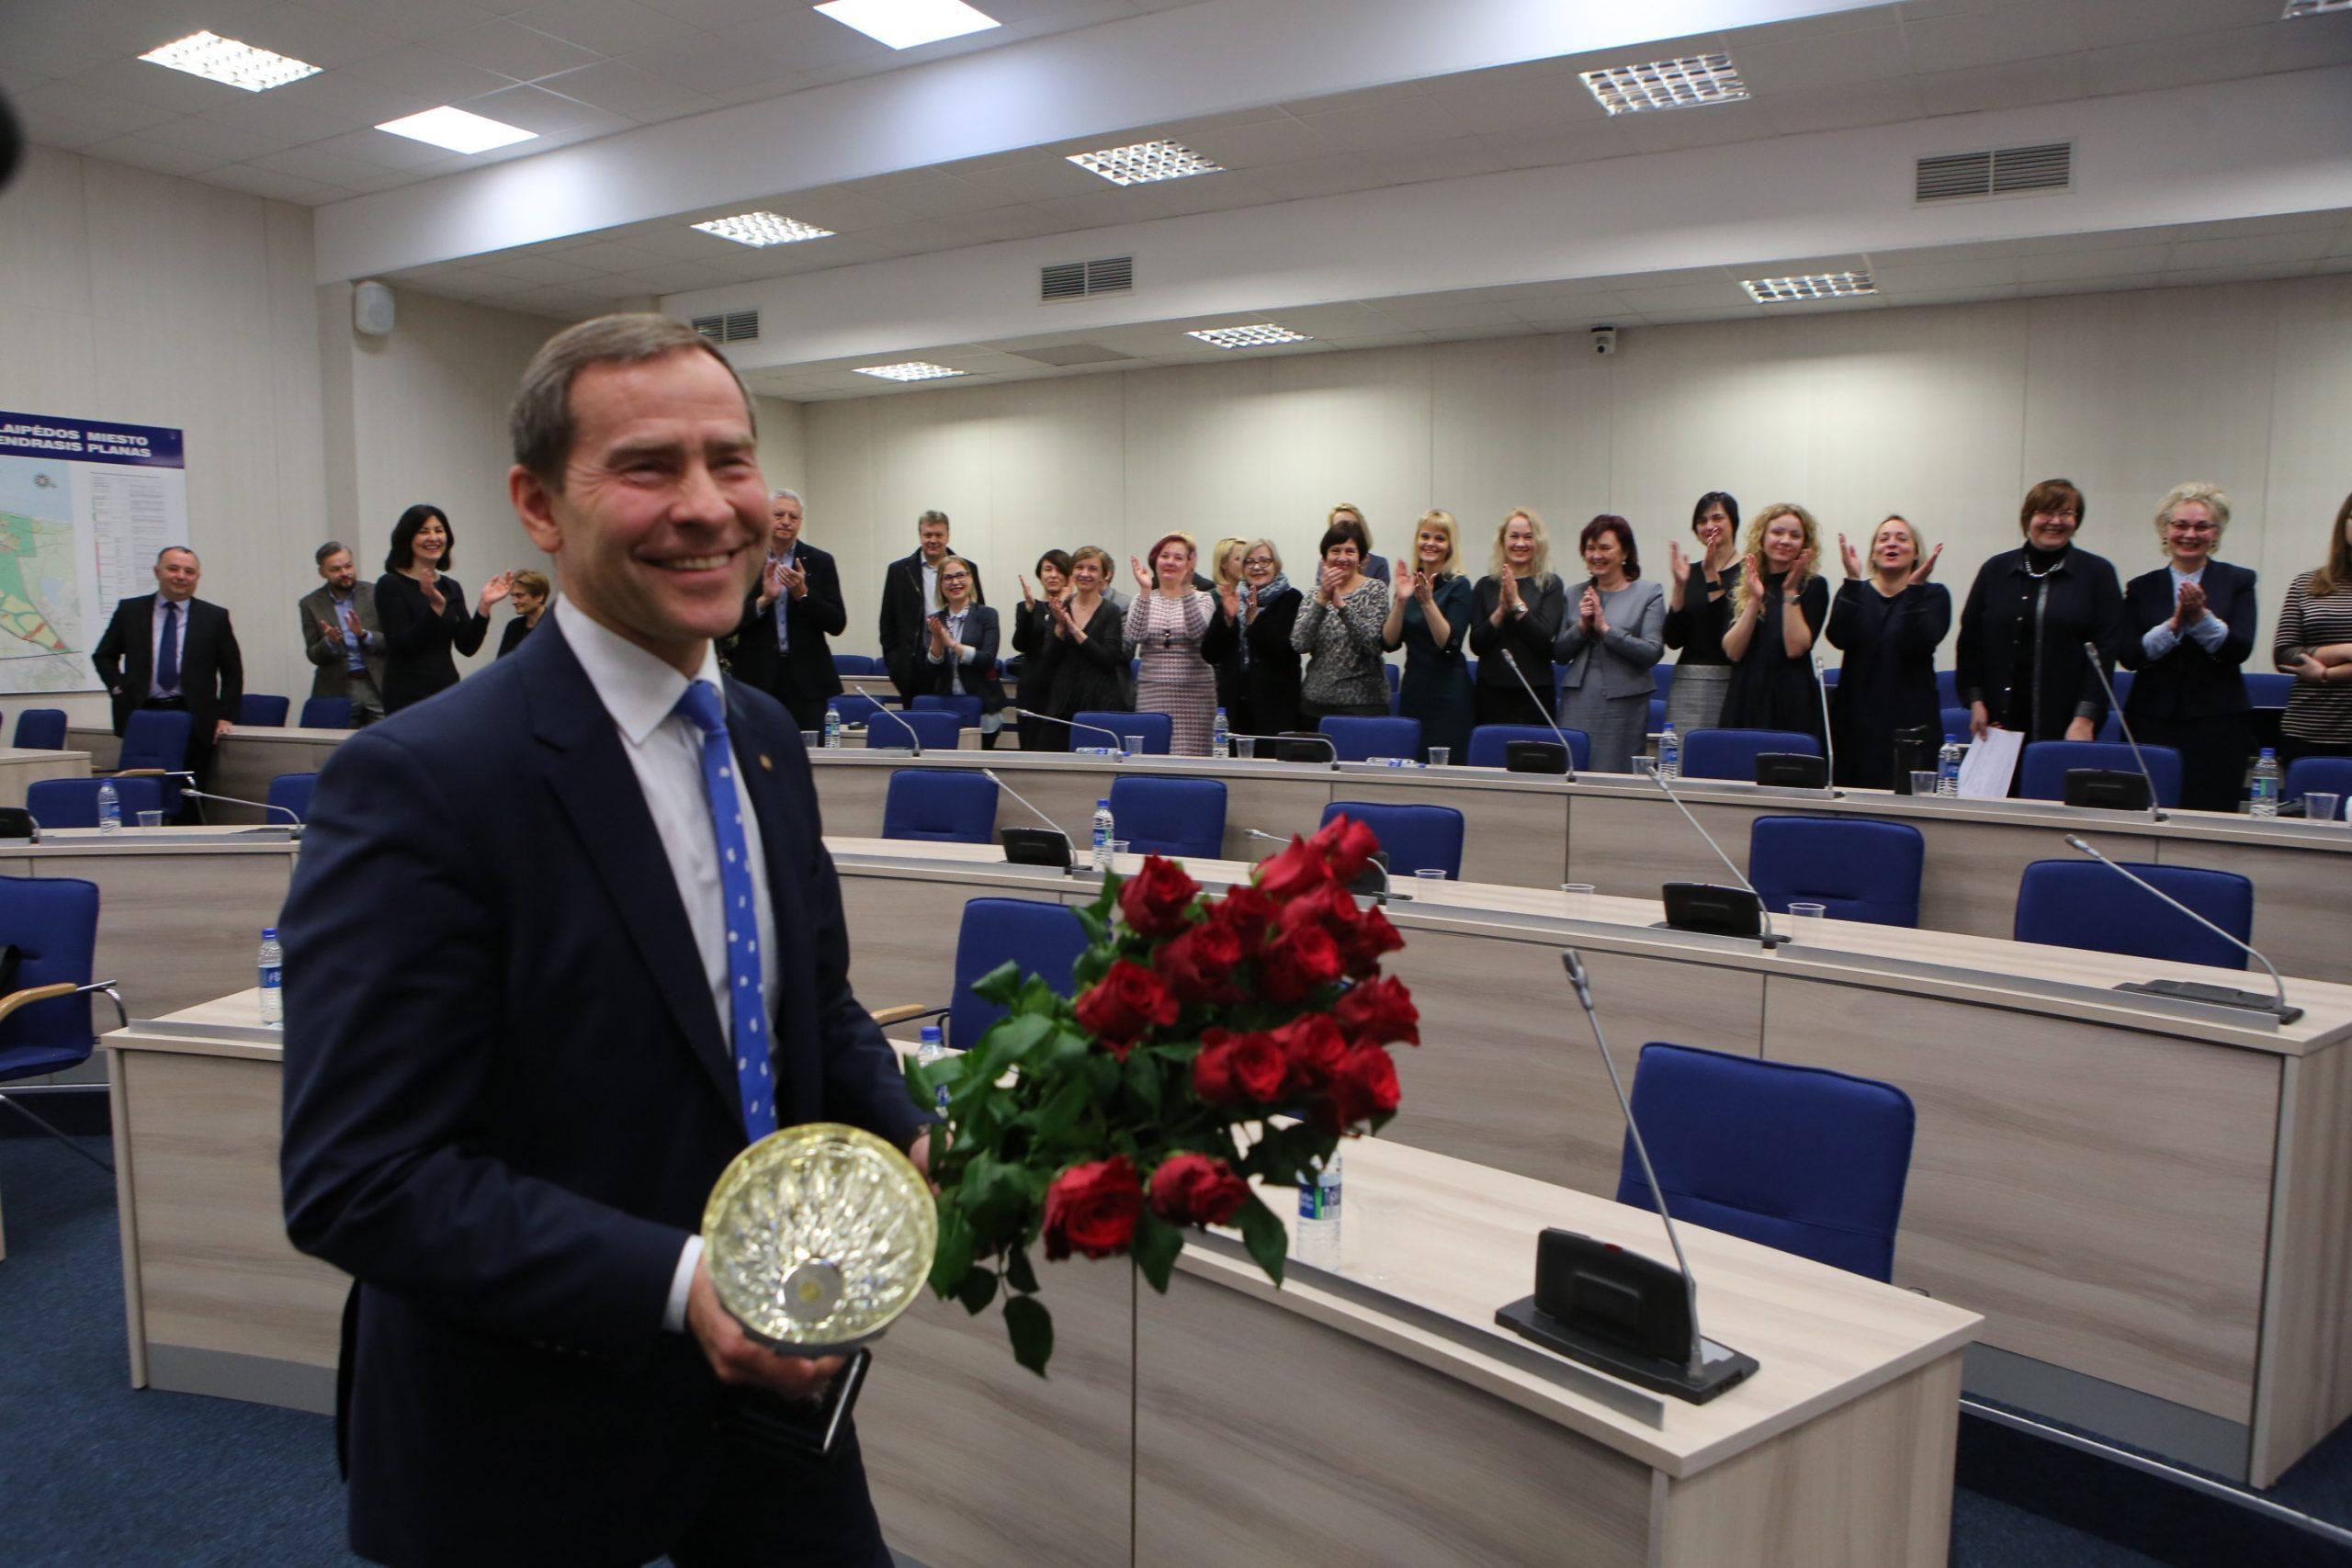 Atleistas politikø pasitikëjimà praradæs administracijos direktorius Saulius Budinas.